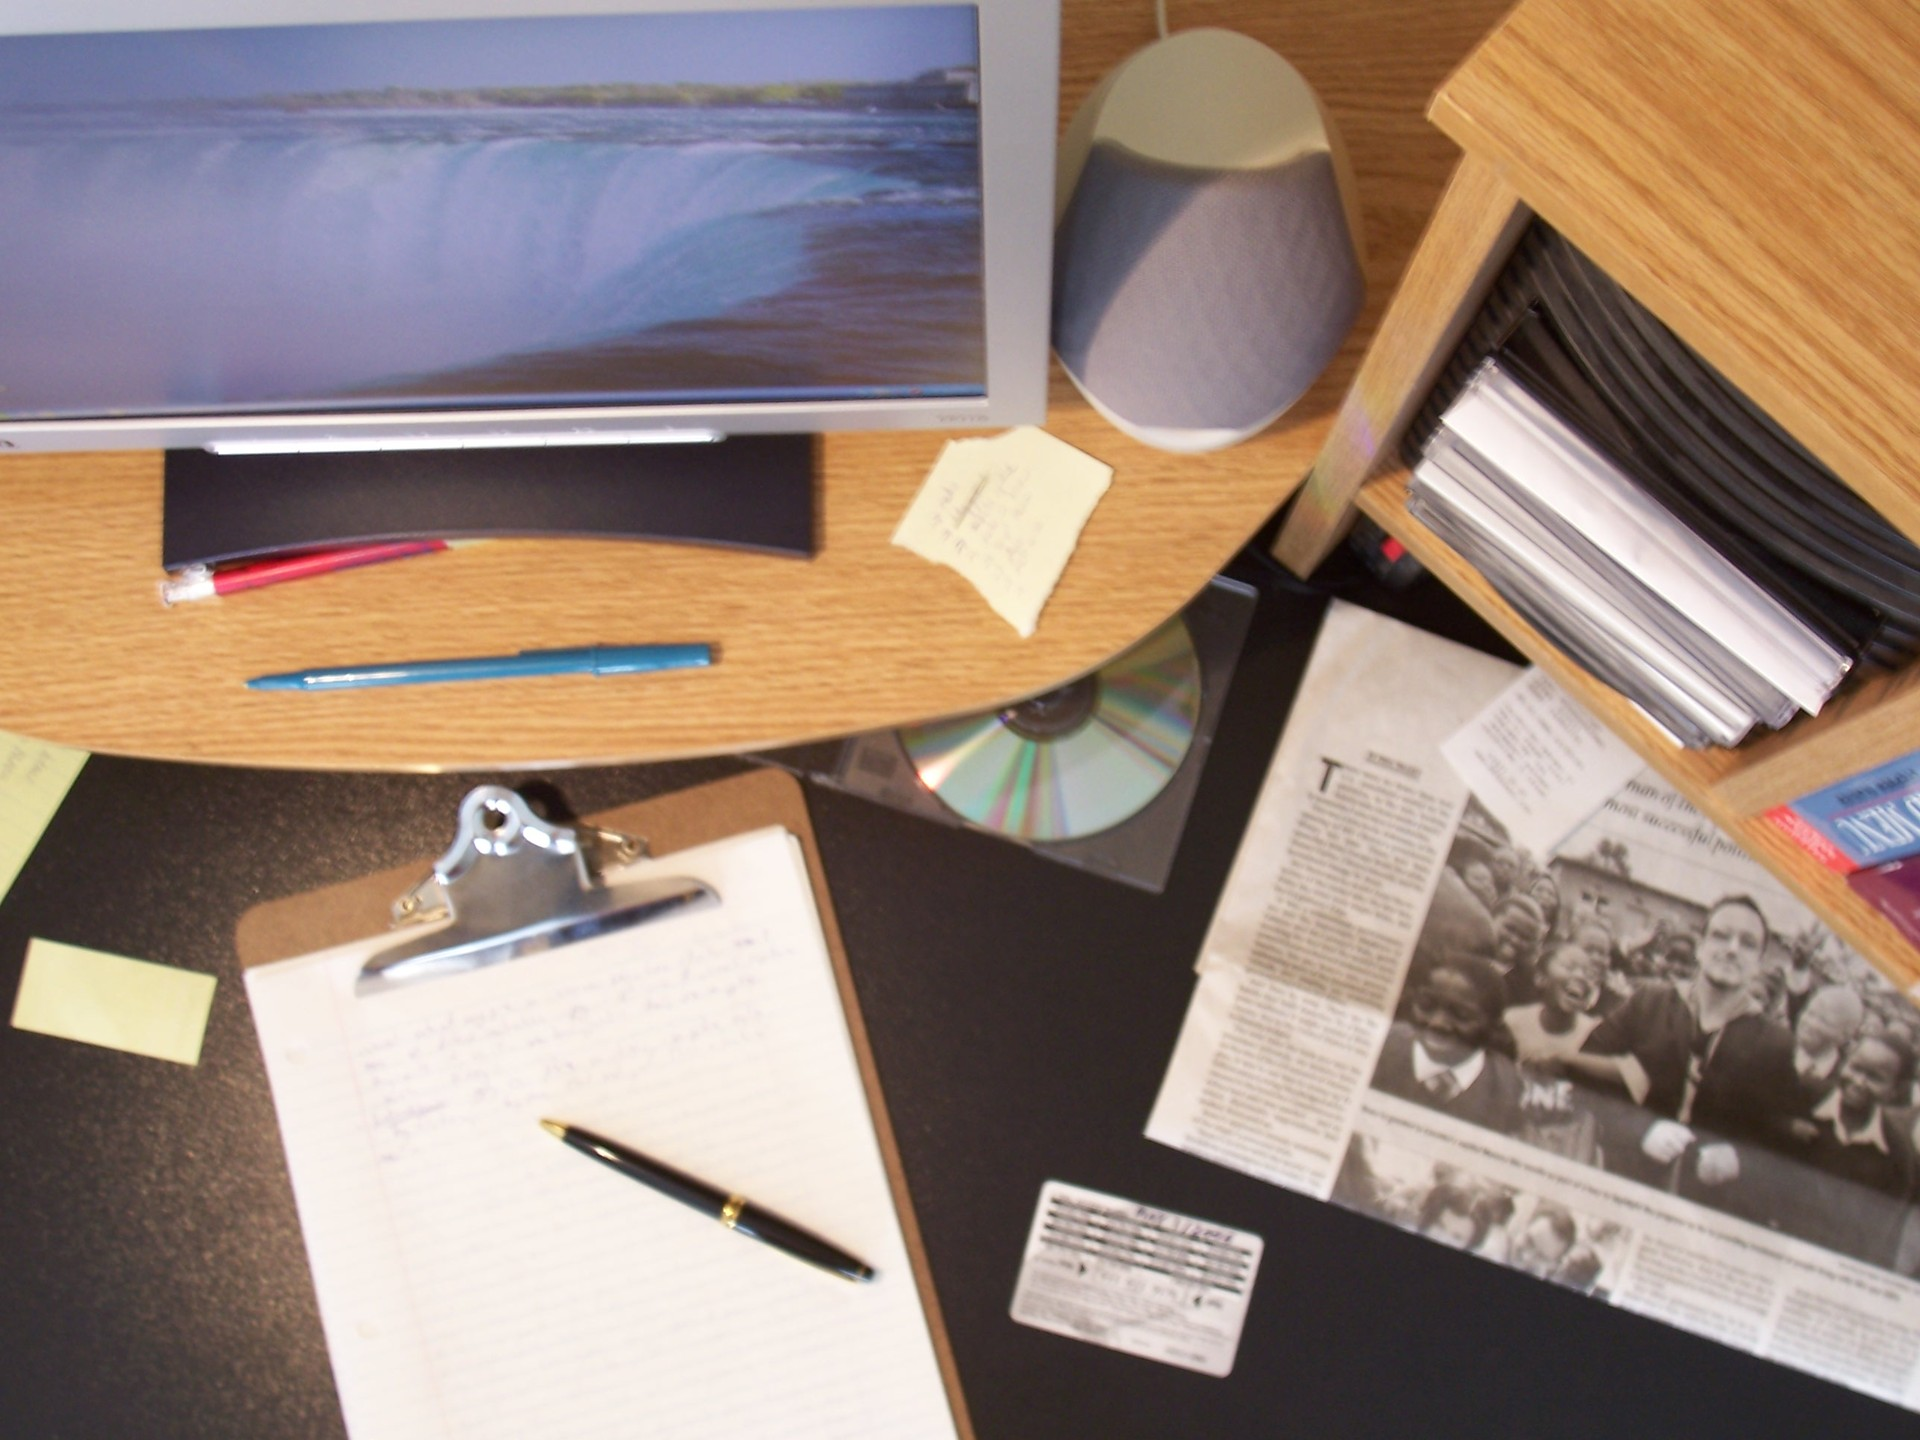 Vier op de tien werken regelmatig buiten kantoortijden